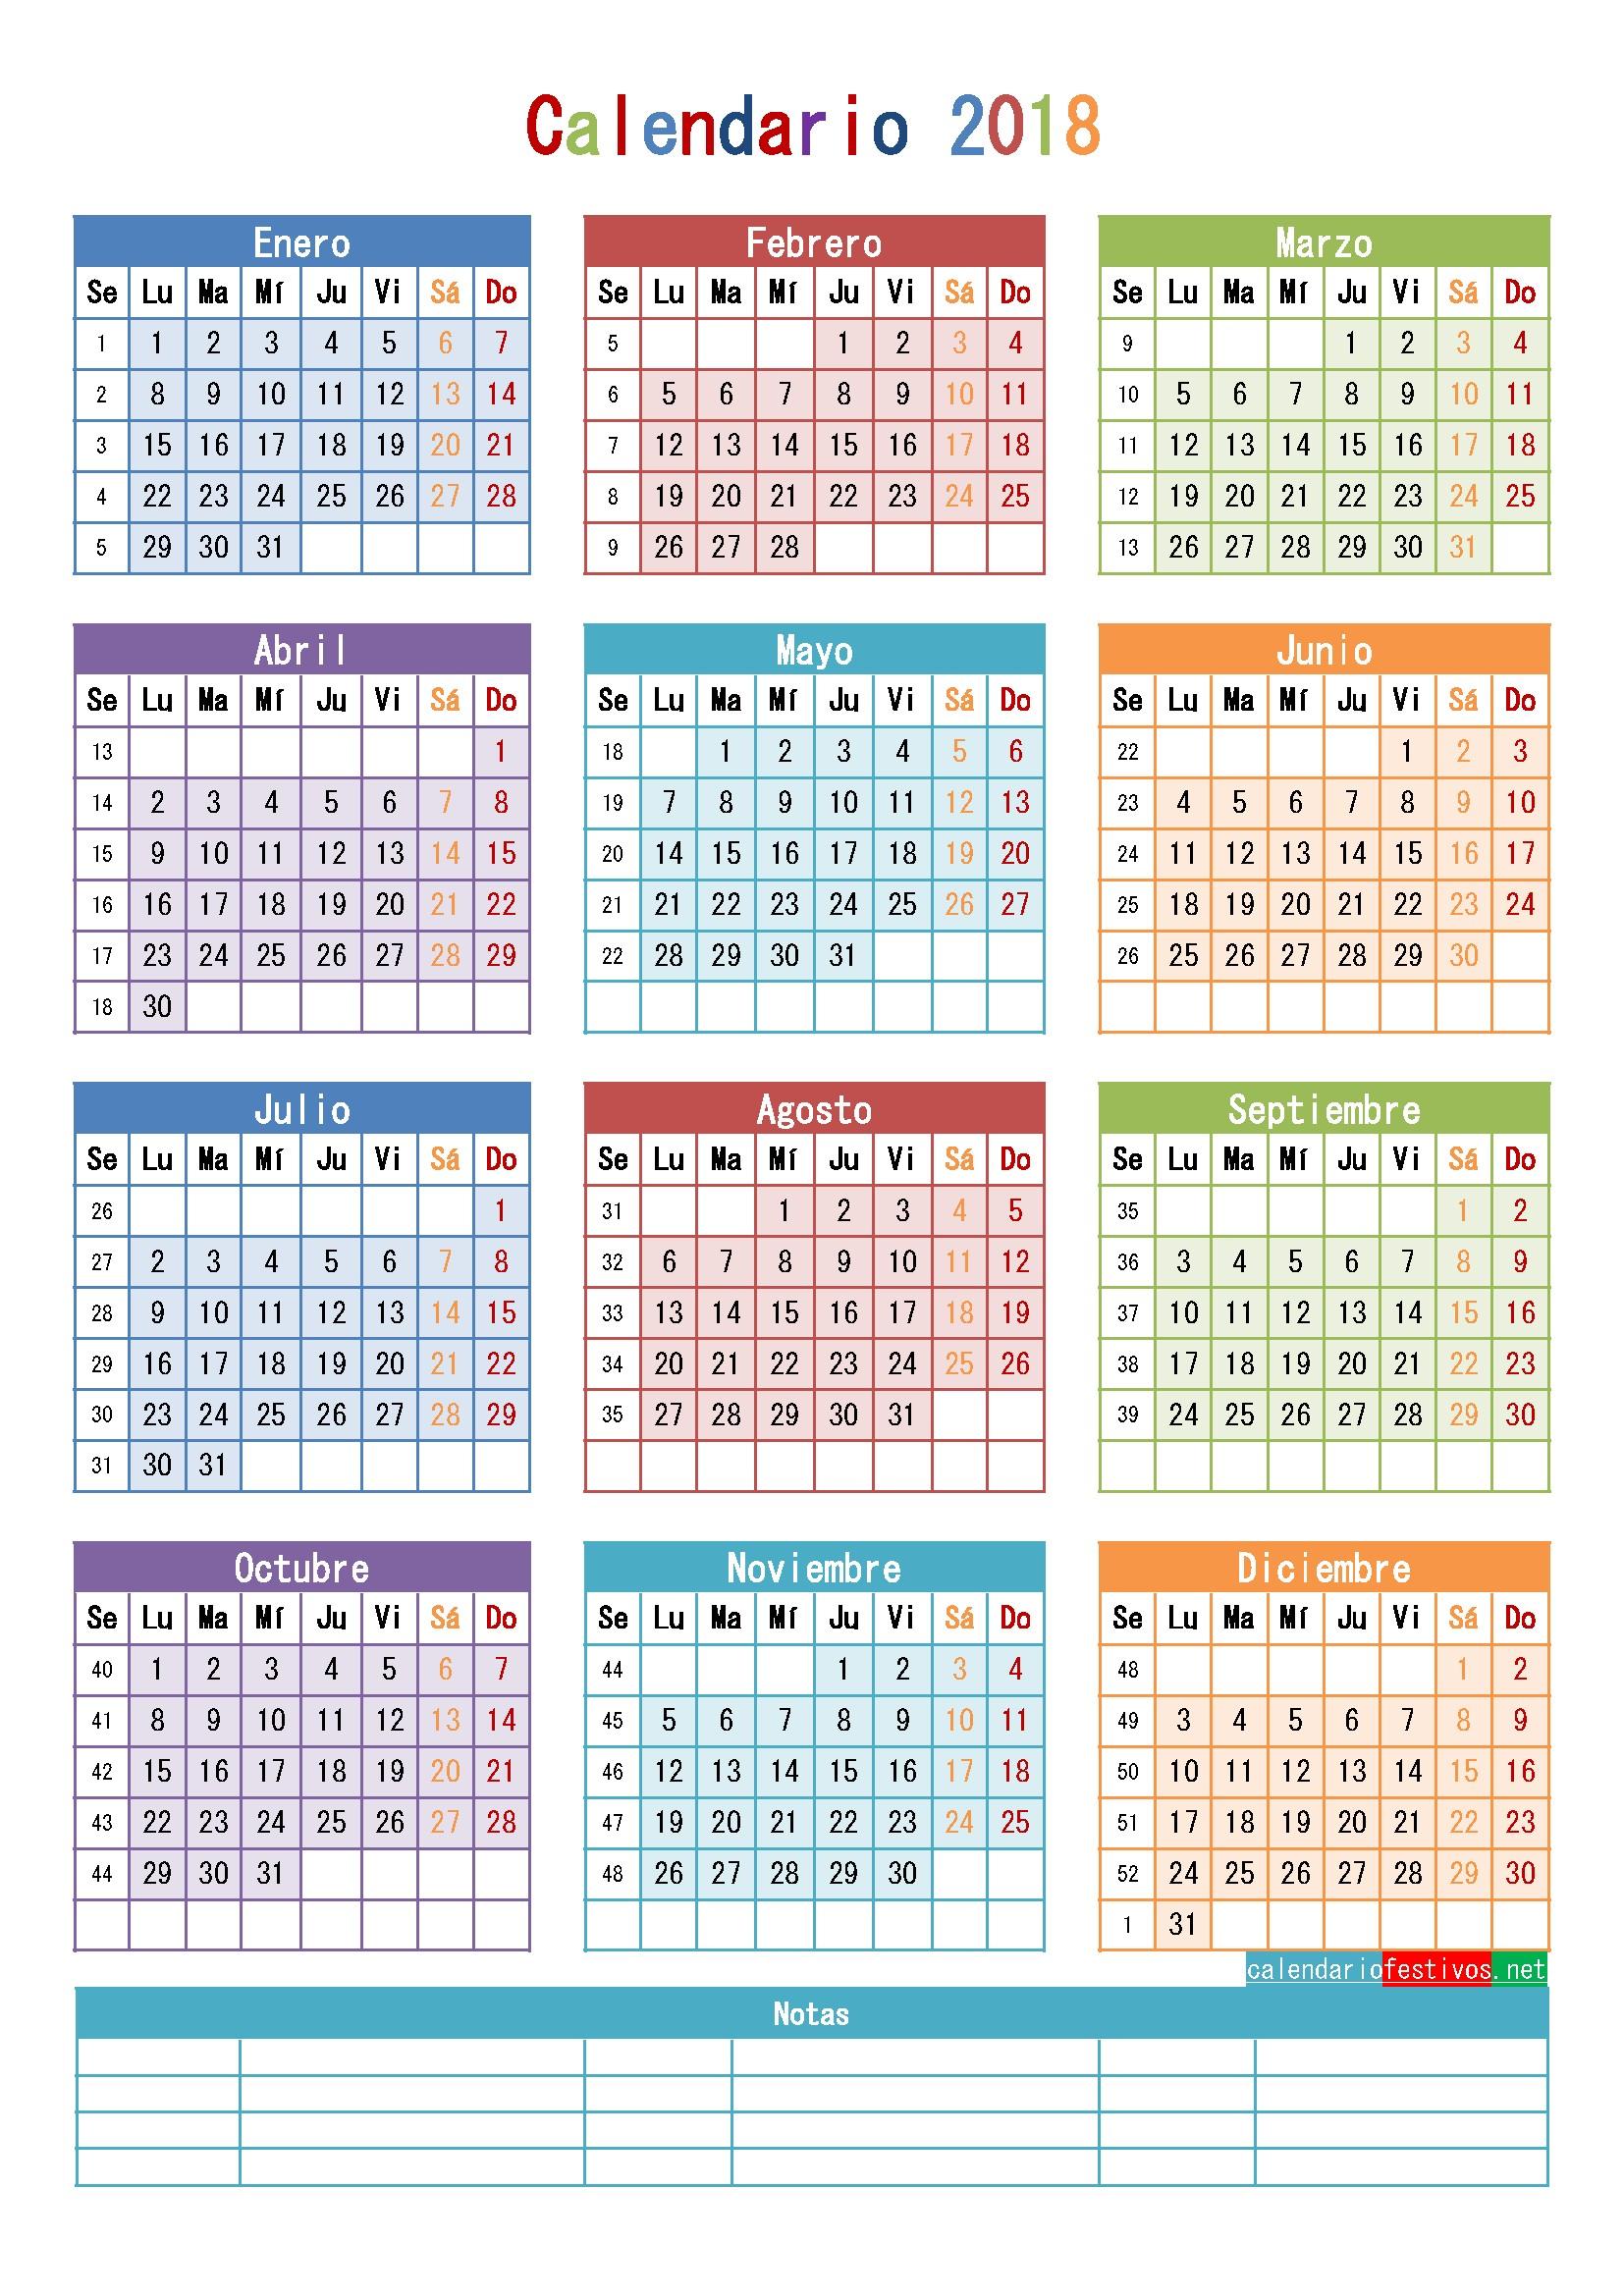 Calendario 2019 Portugues Para Imprimir Com Feriados Más Recientes Calendario 2018 Con Festivos Of Calendario 2019 Portugues Para Imprimir Com Feriados Mejores Y Más Novedosos Abril 2019 Con Festivos Word Calendario T